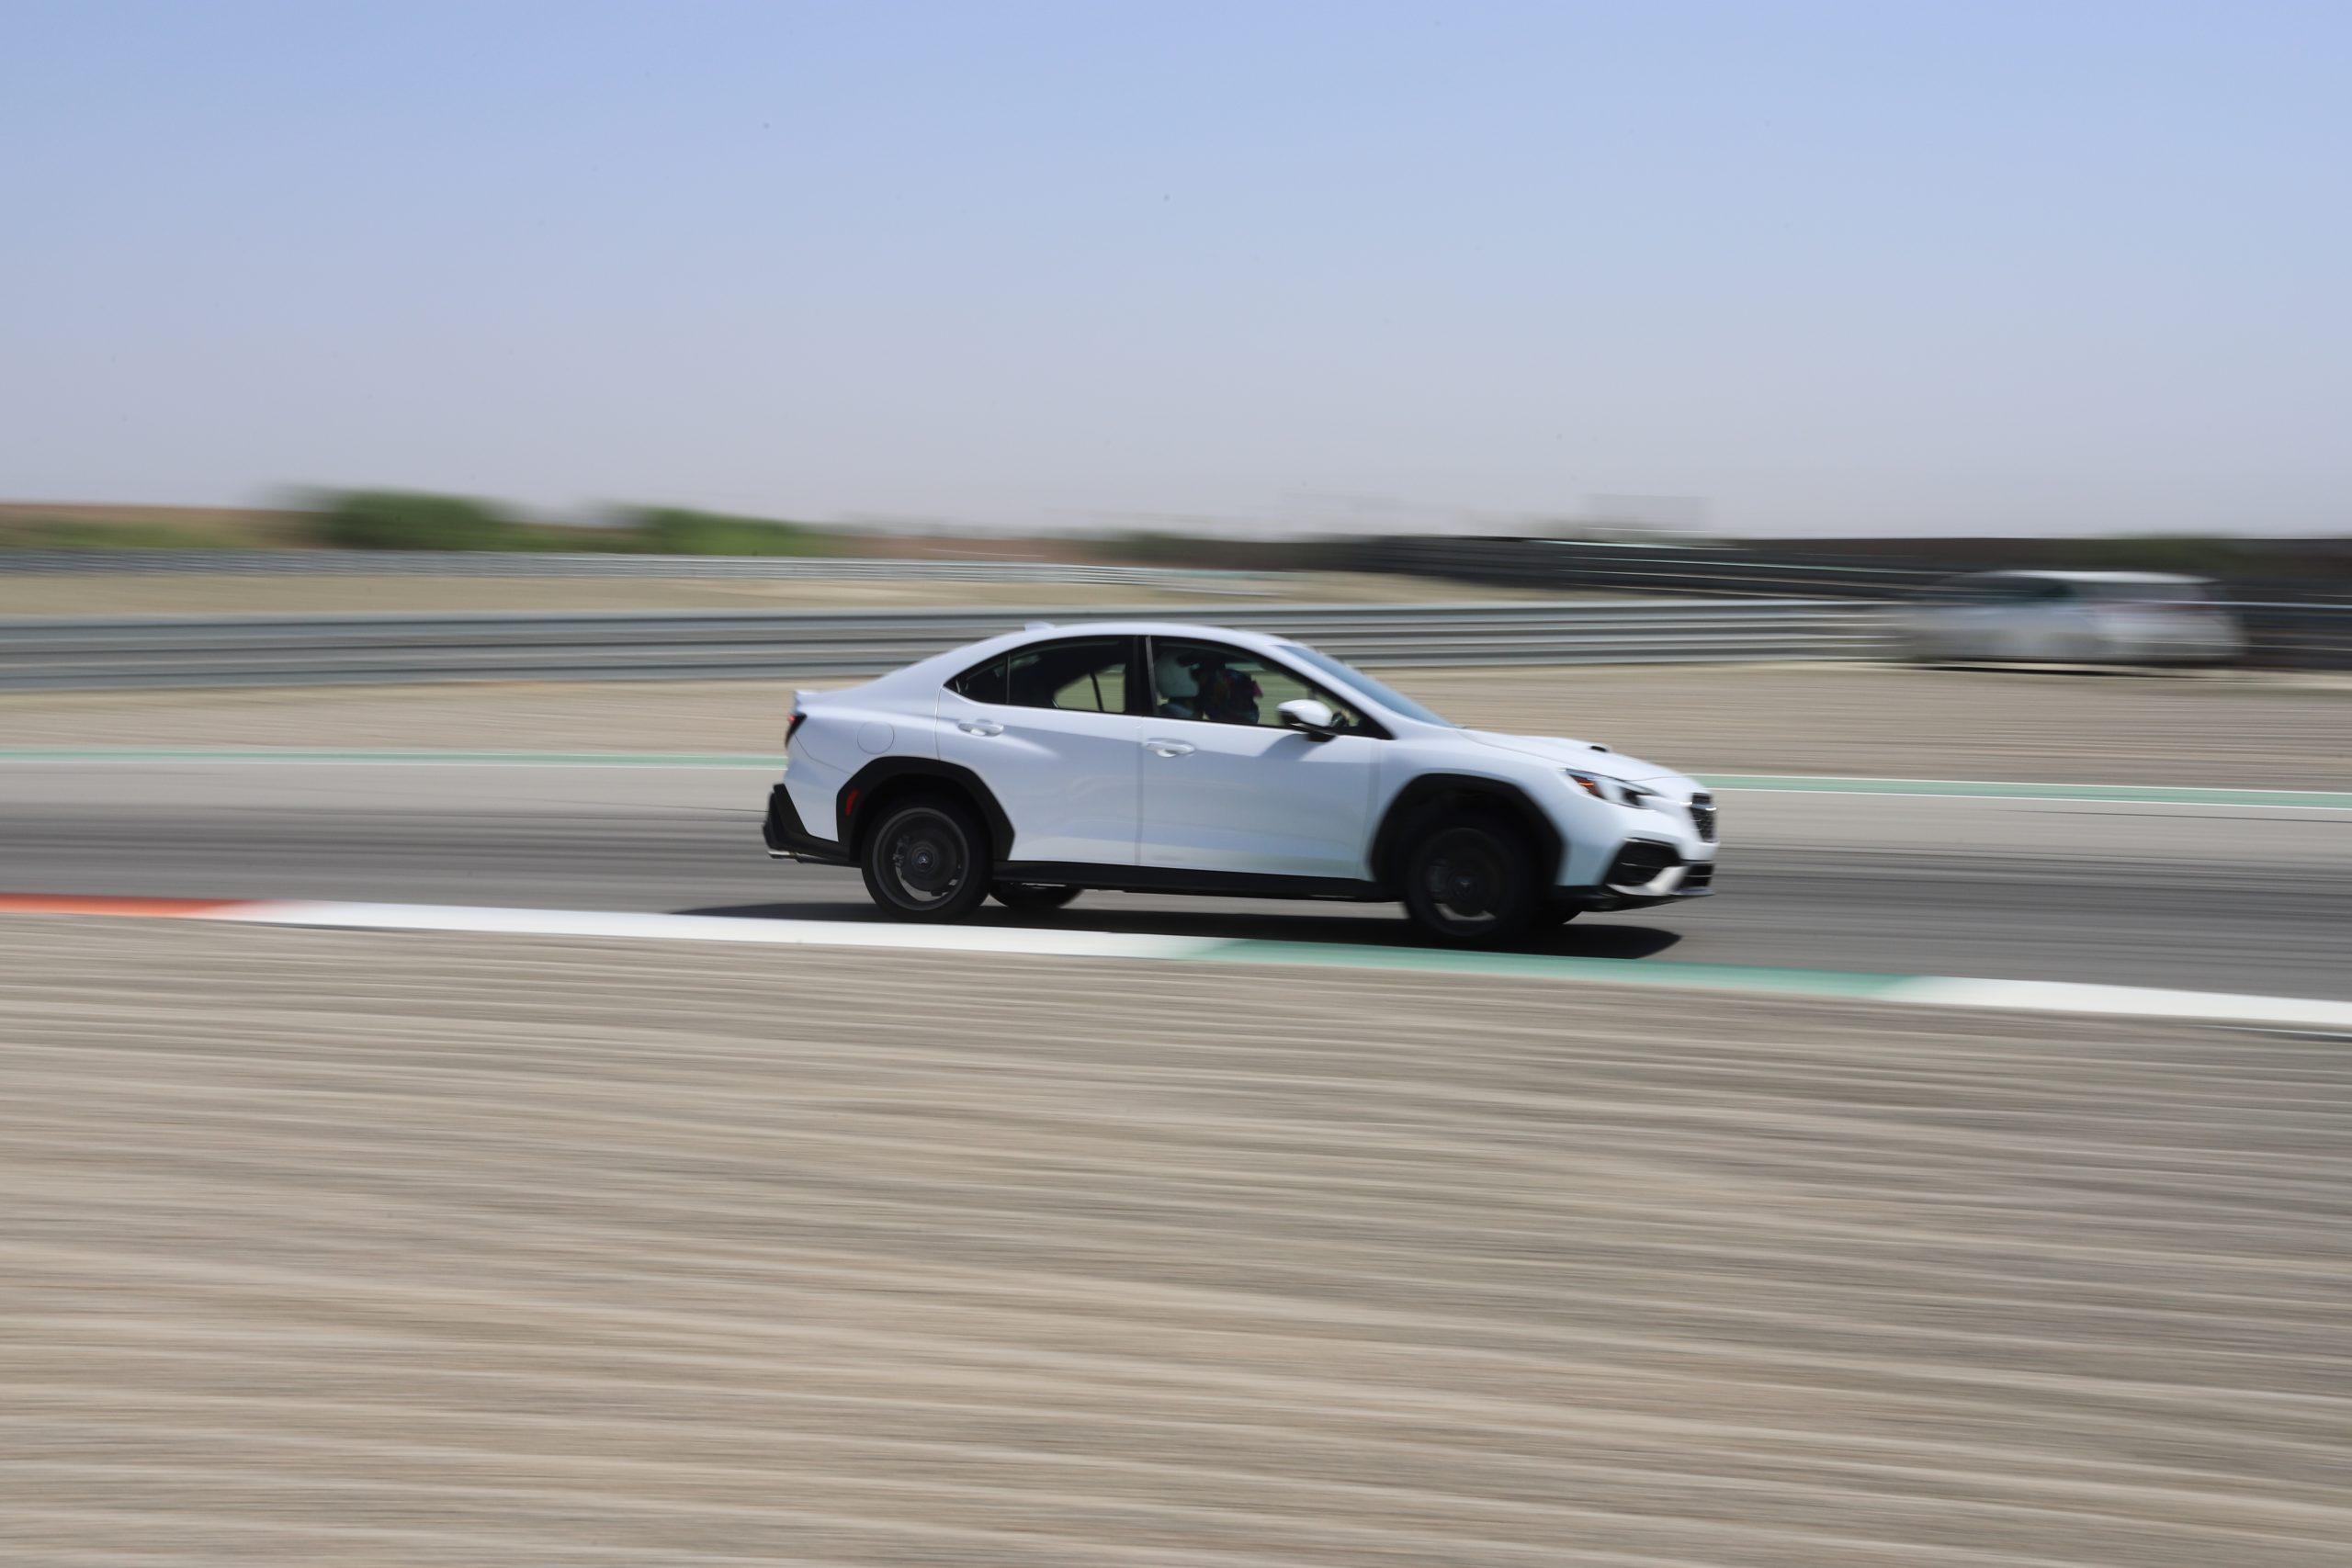 2022 Subaru WRX side profile action